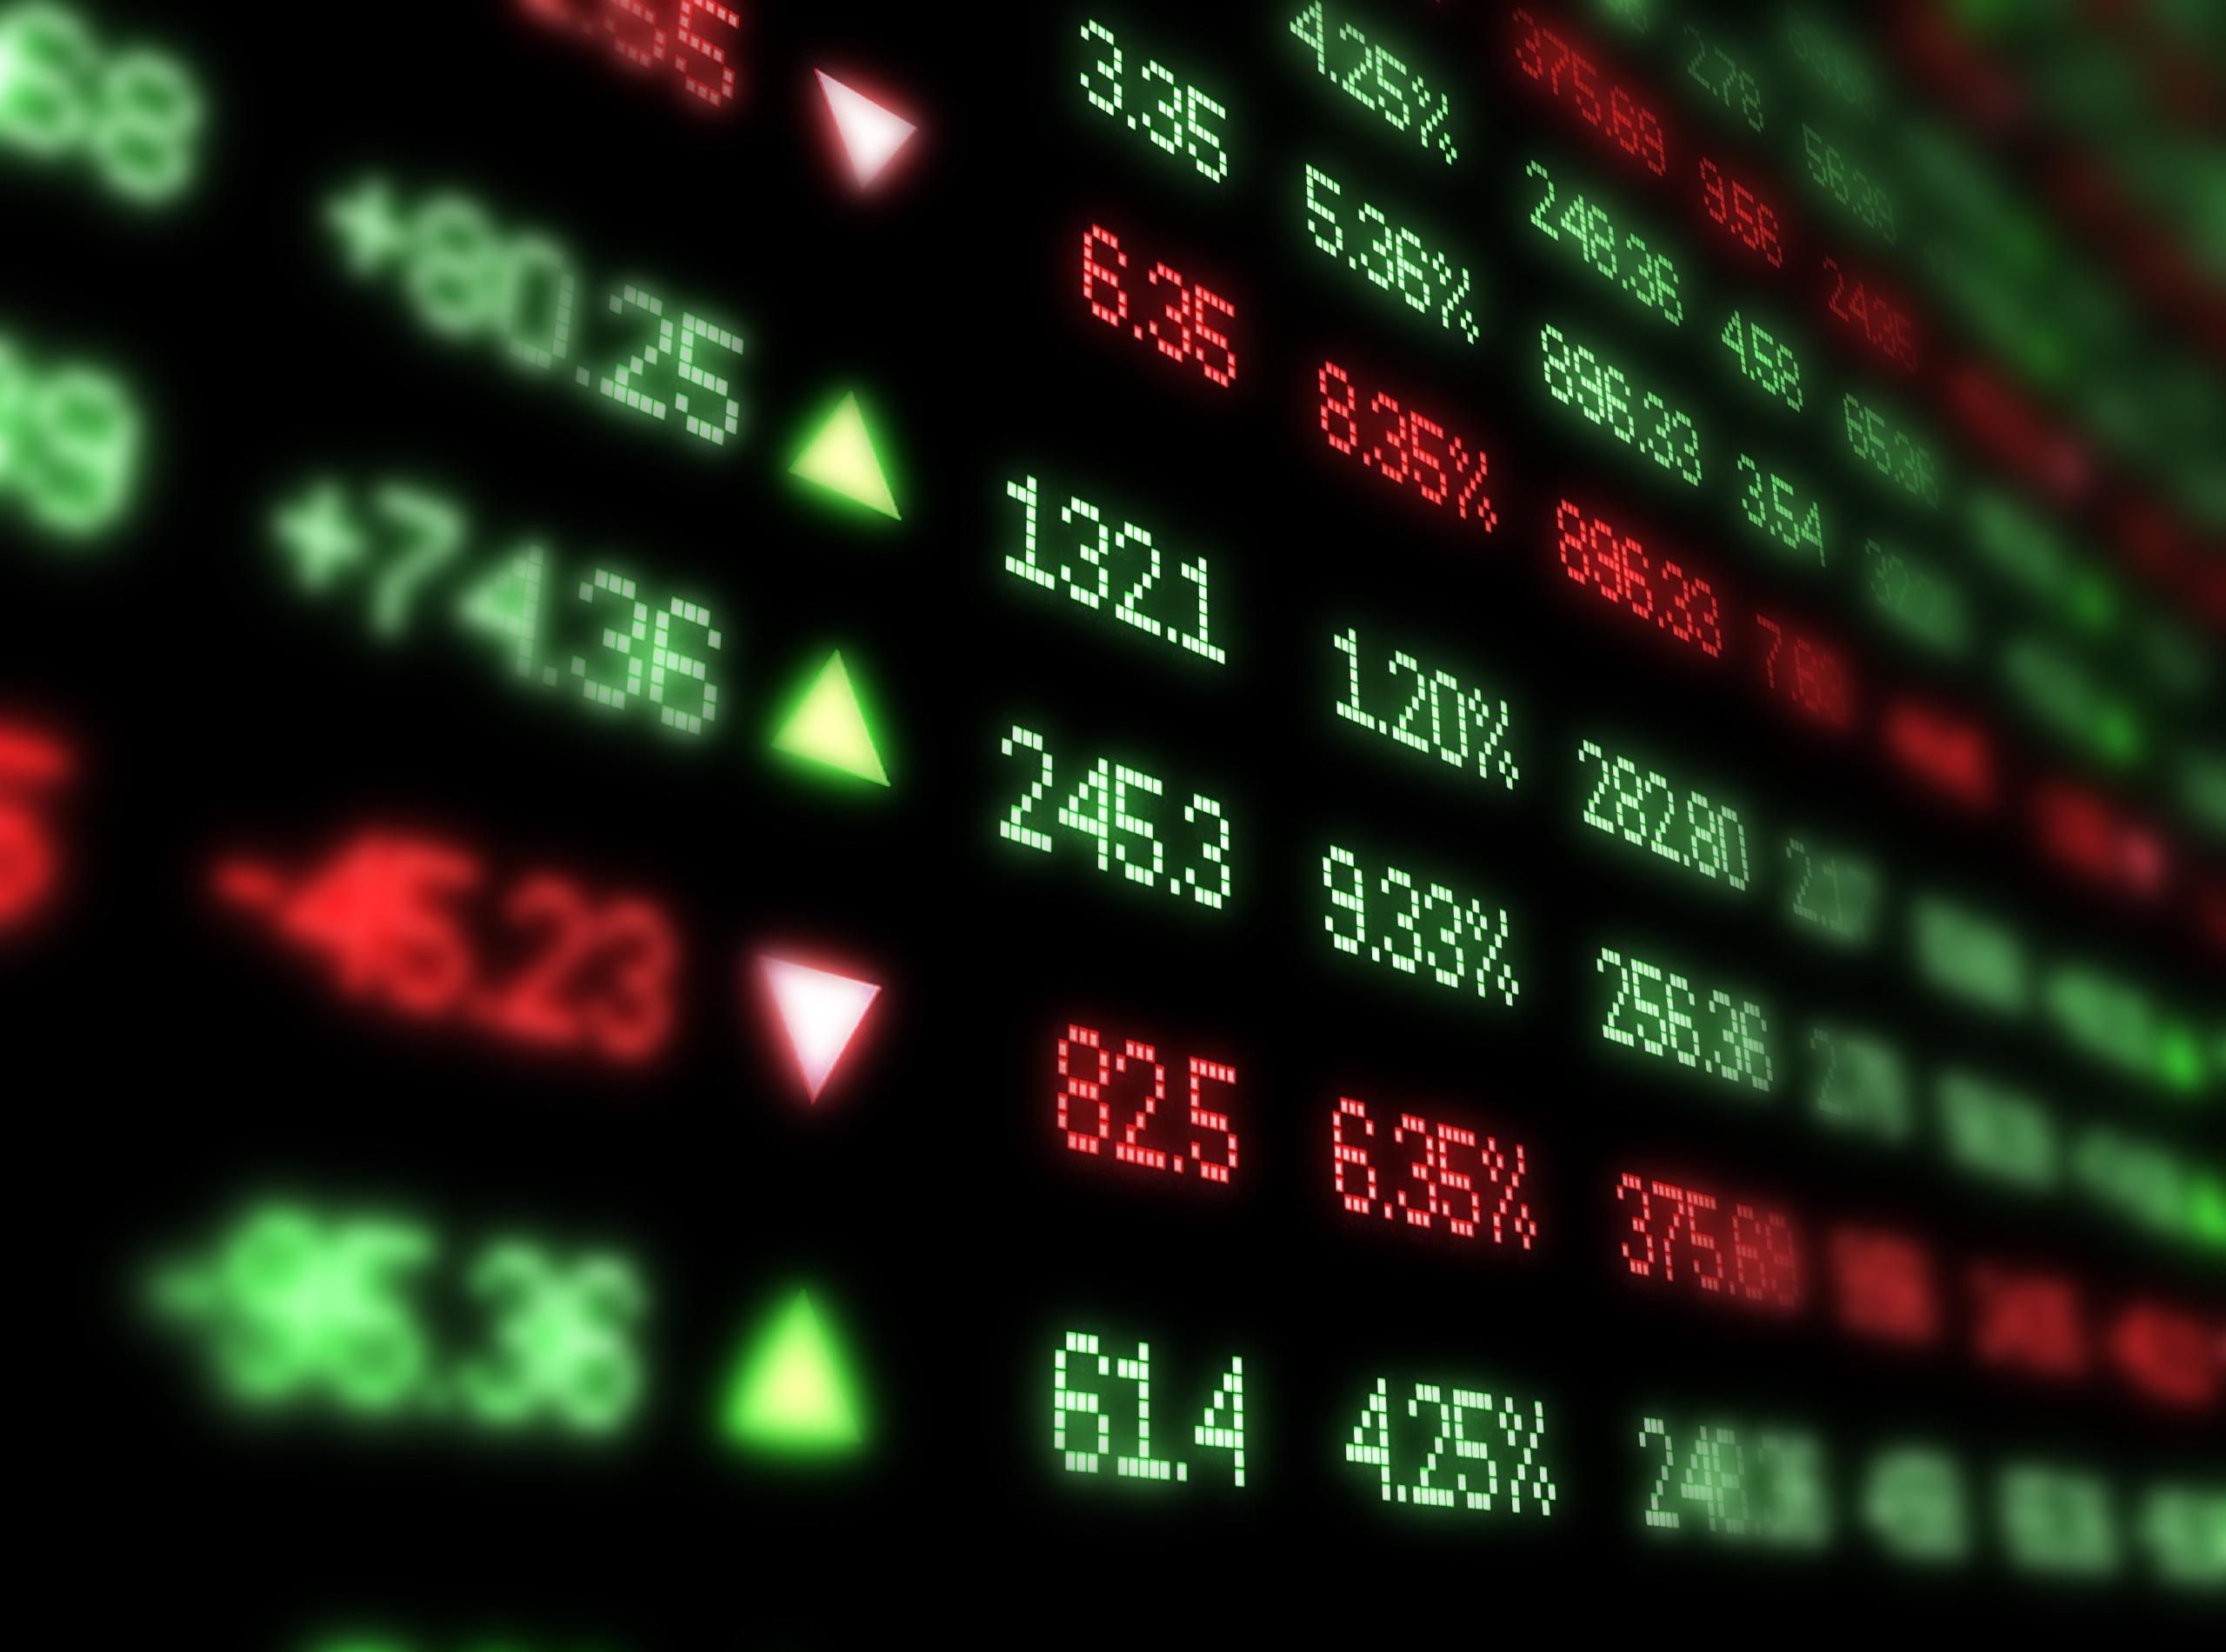 Ore de tranzacționare valutar în țările interne și în alte țări – Centru de ajutor | Eagles Markets